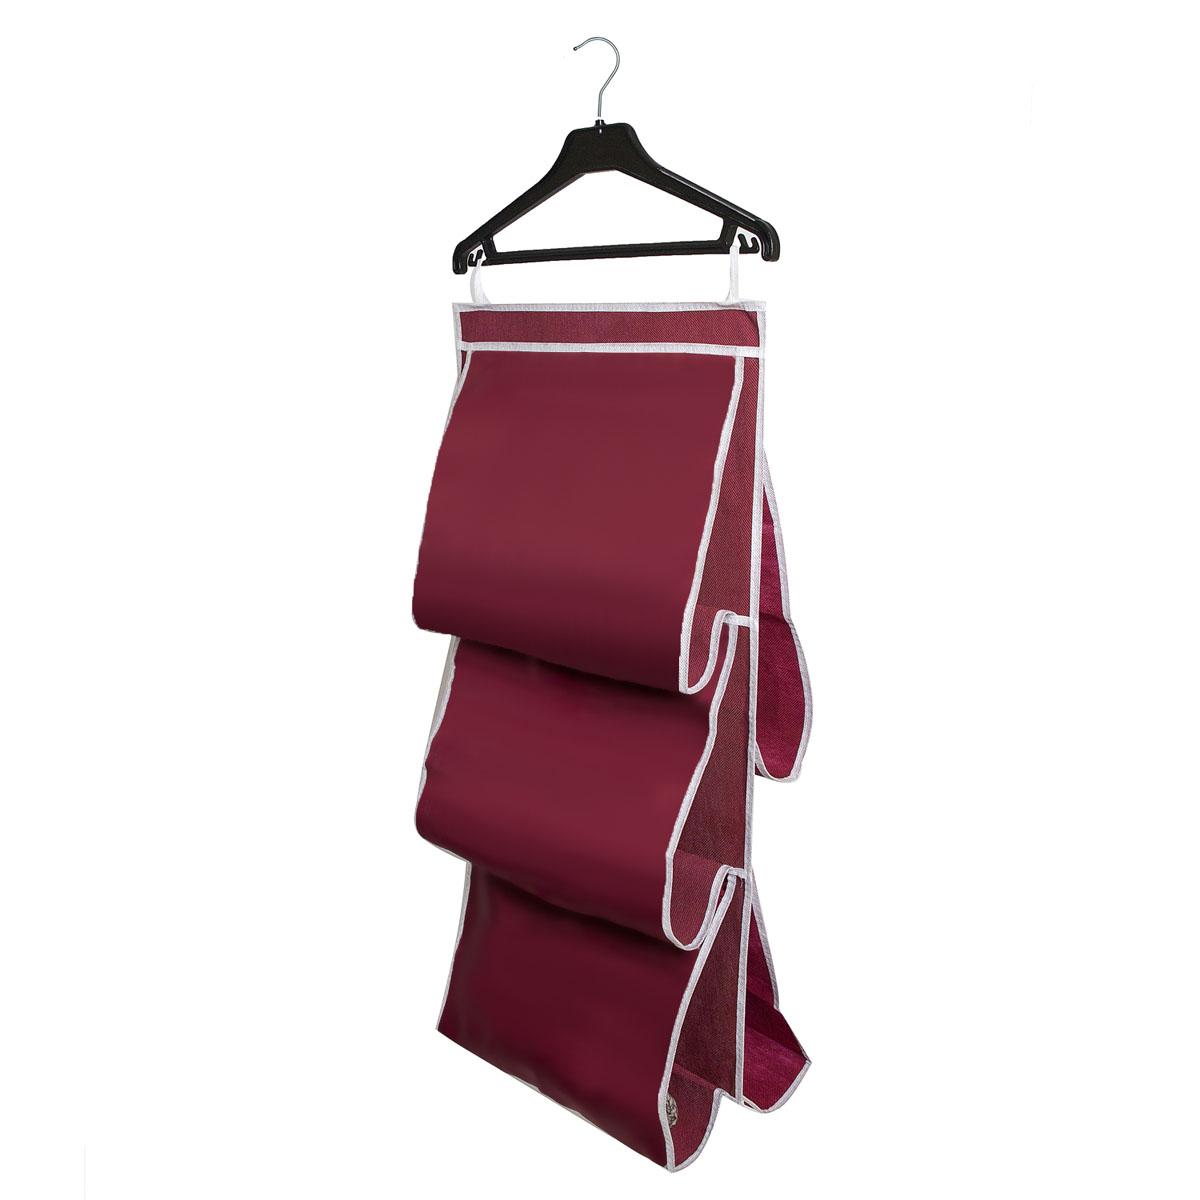 Органайзер для сумок Homsu Red Rose, 5 отделений, 40 х 70 смHOM-09Органайзер для хранения сумок Homsu Red Rose изготовлен из полиэстера. Изделие имеет 5 отделений, его можно повесить в удобное место за крючки. Такой компактный и удобный в каждодневном использовании аксессуар, как этот органайзер, размещающийся в пространстве шкафа, на плоскости стены или дверей.Практичный и удобный органайзер для хранения сумок.Размер чехла: 40 х 70 см.